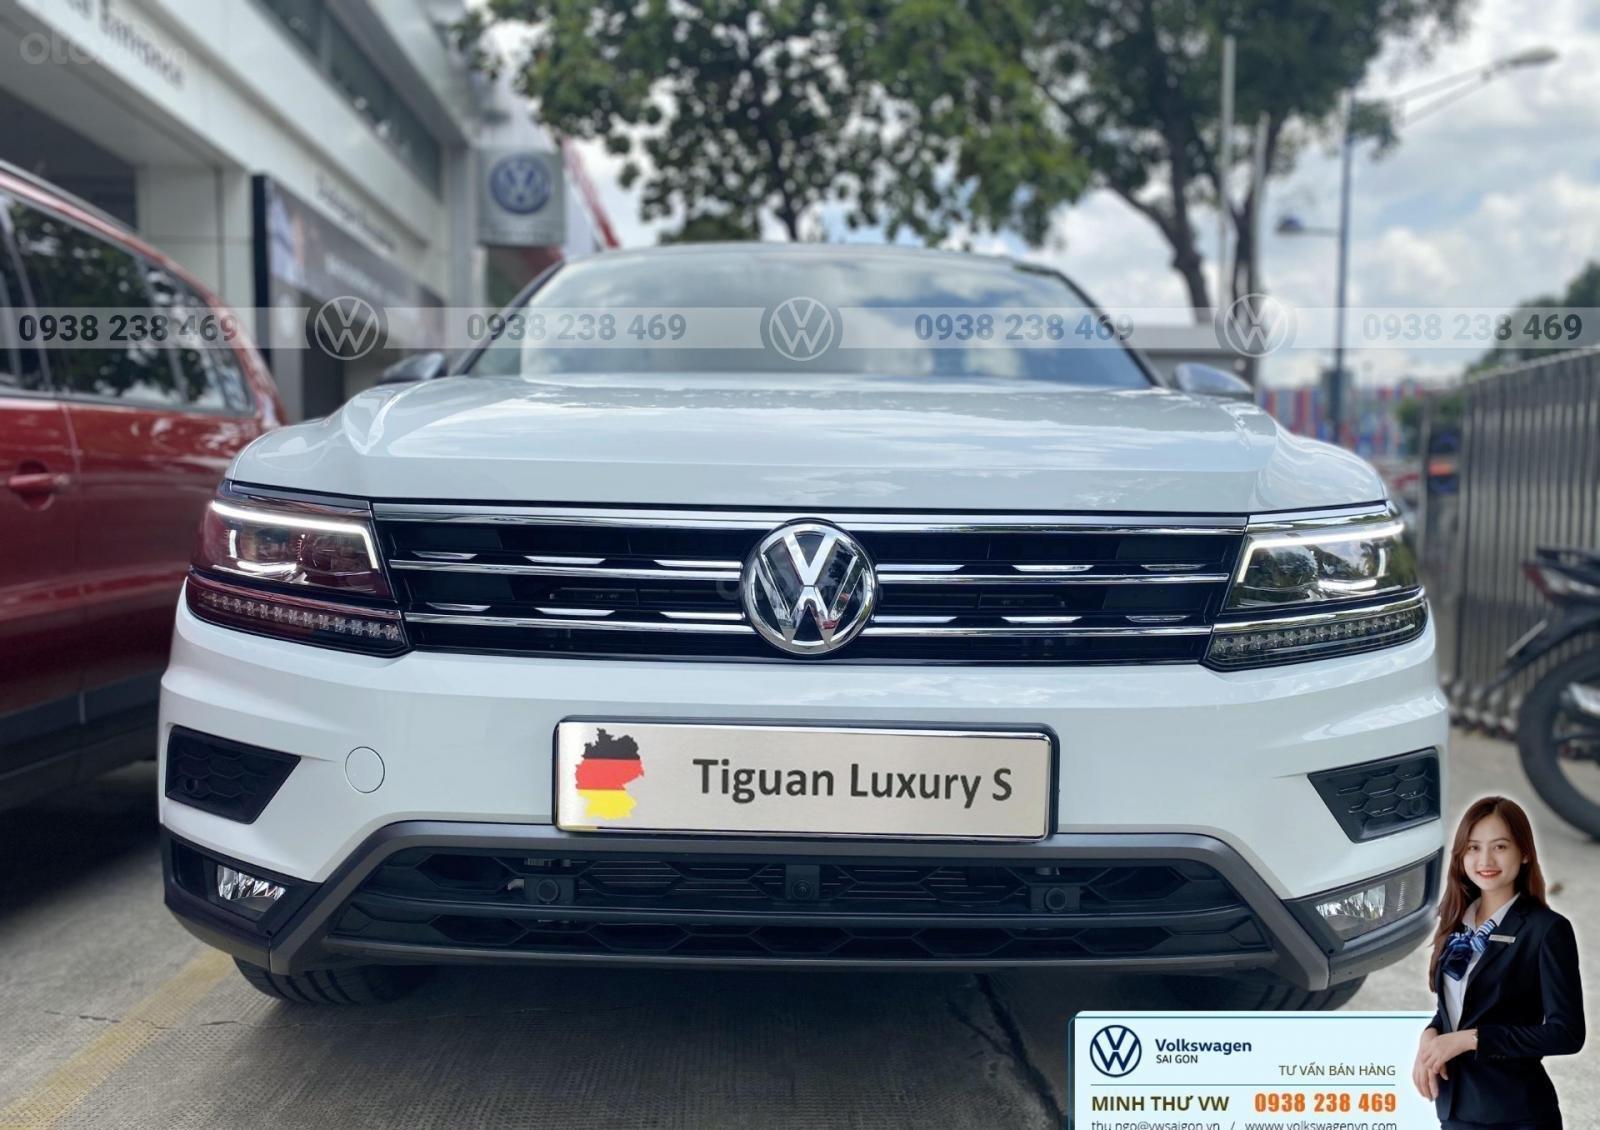 Vw Tiguan Luxury S màu trắng - Phiên bản cao cấp nhất - Ưu đãi lớn cuối năm  (5)